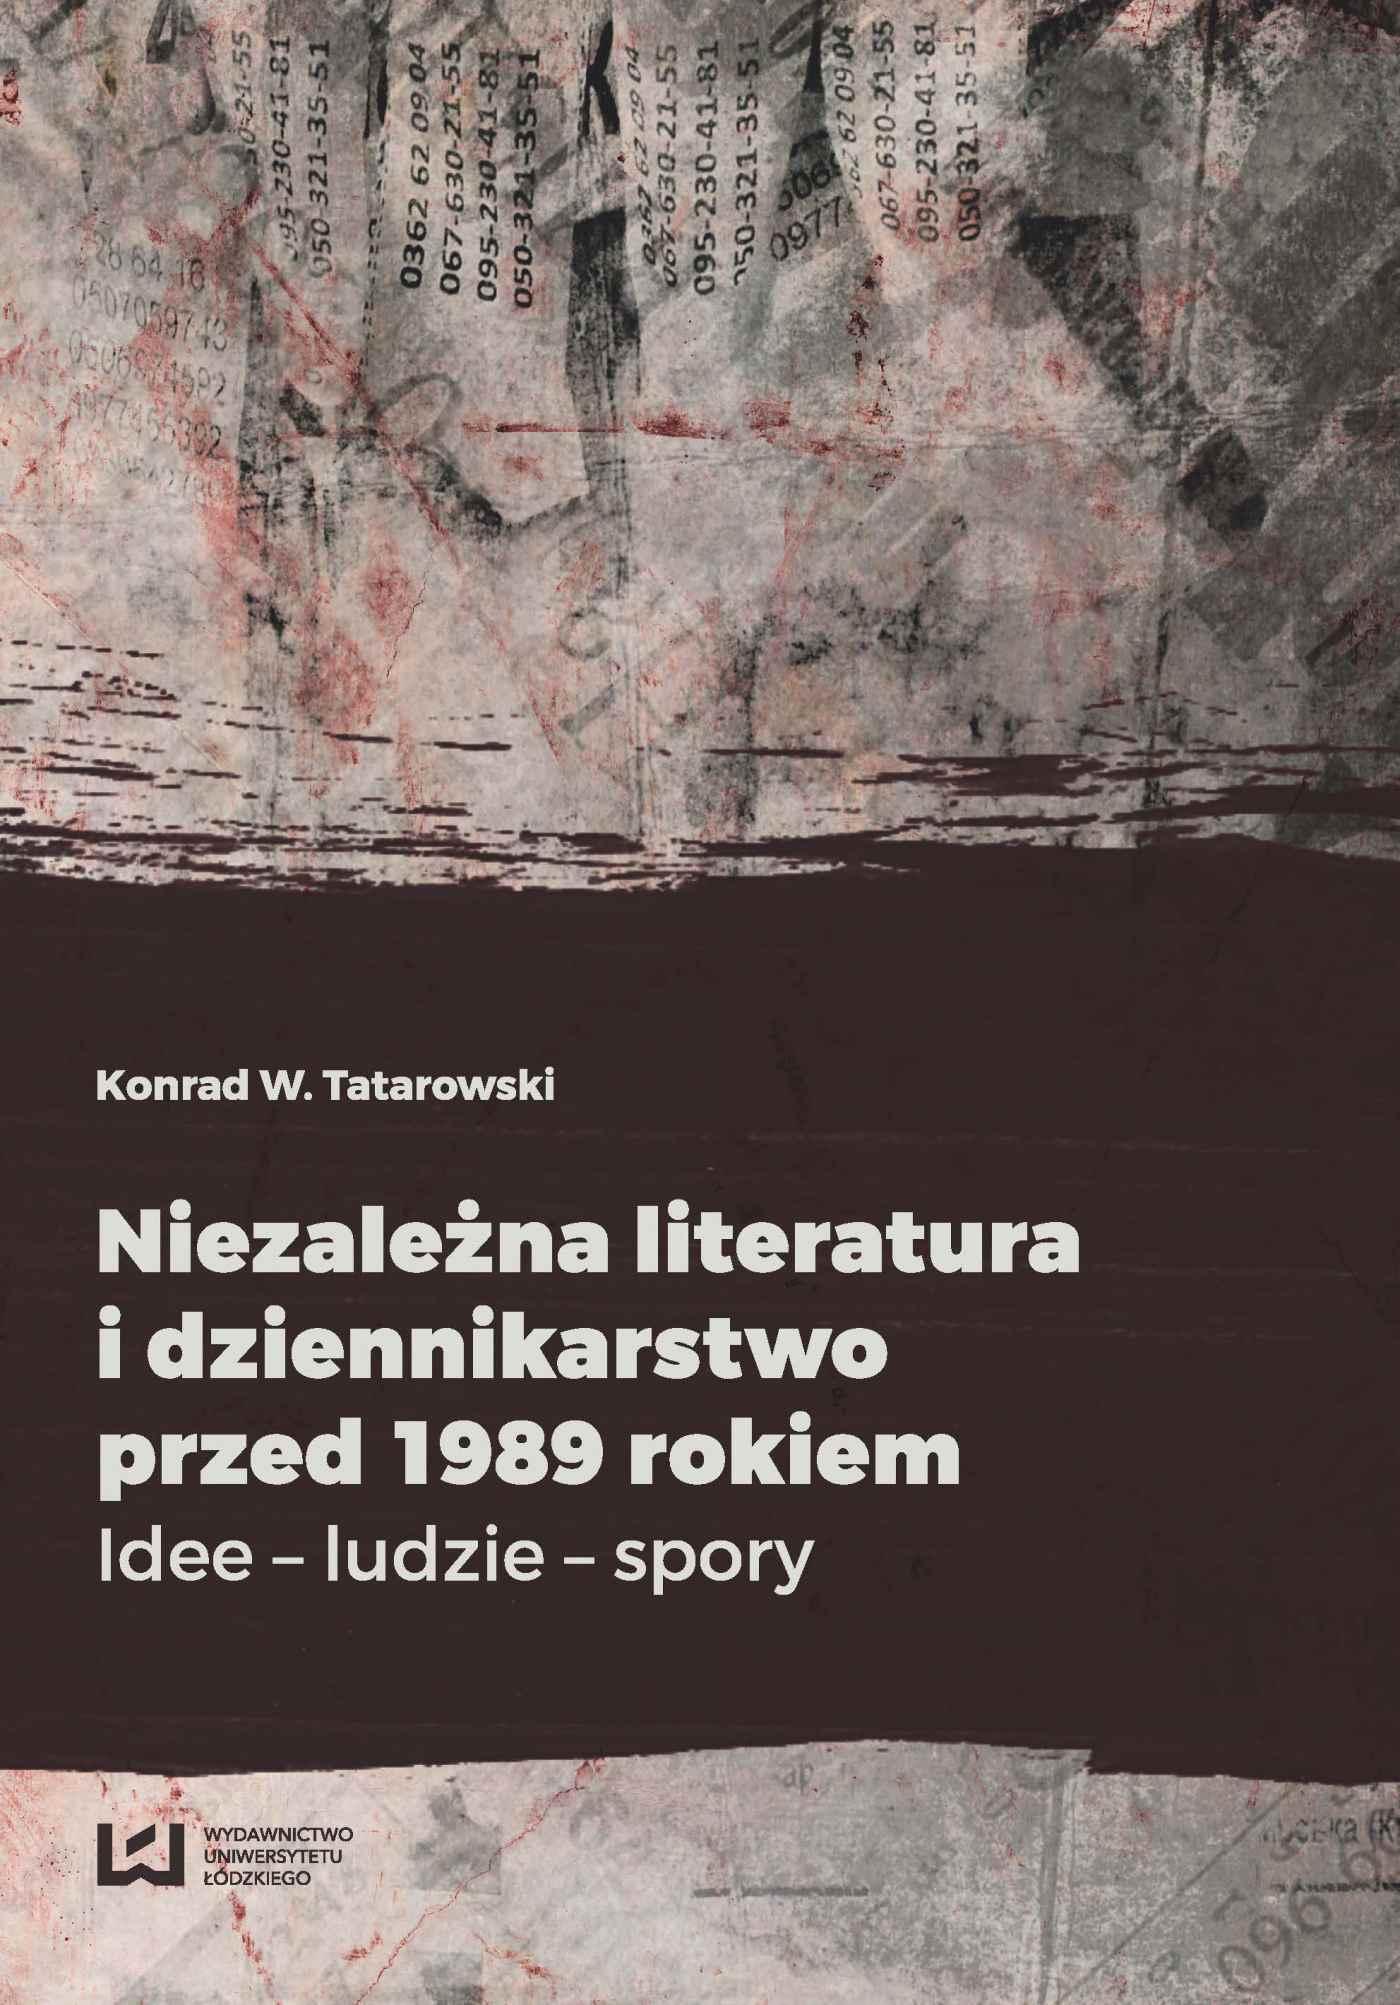 Niezależna literatura i dziennikarstwo przed 1989 rokiem. Idee - ludzie - spory - Ebook (Książka na Kindle) do pobrania w formacie MOBI